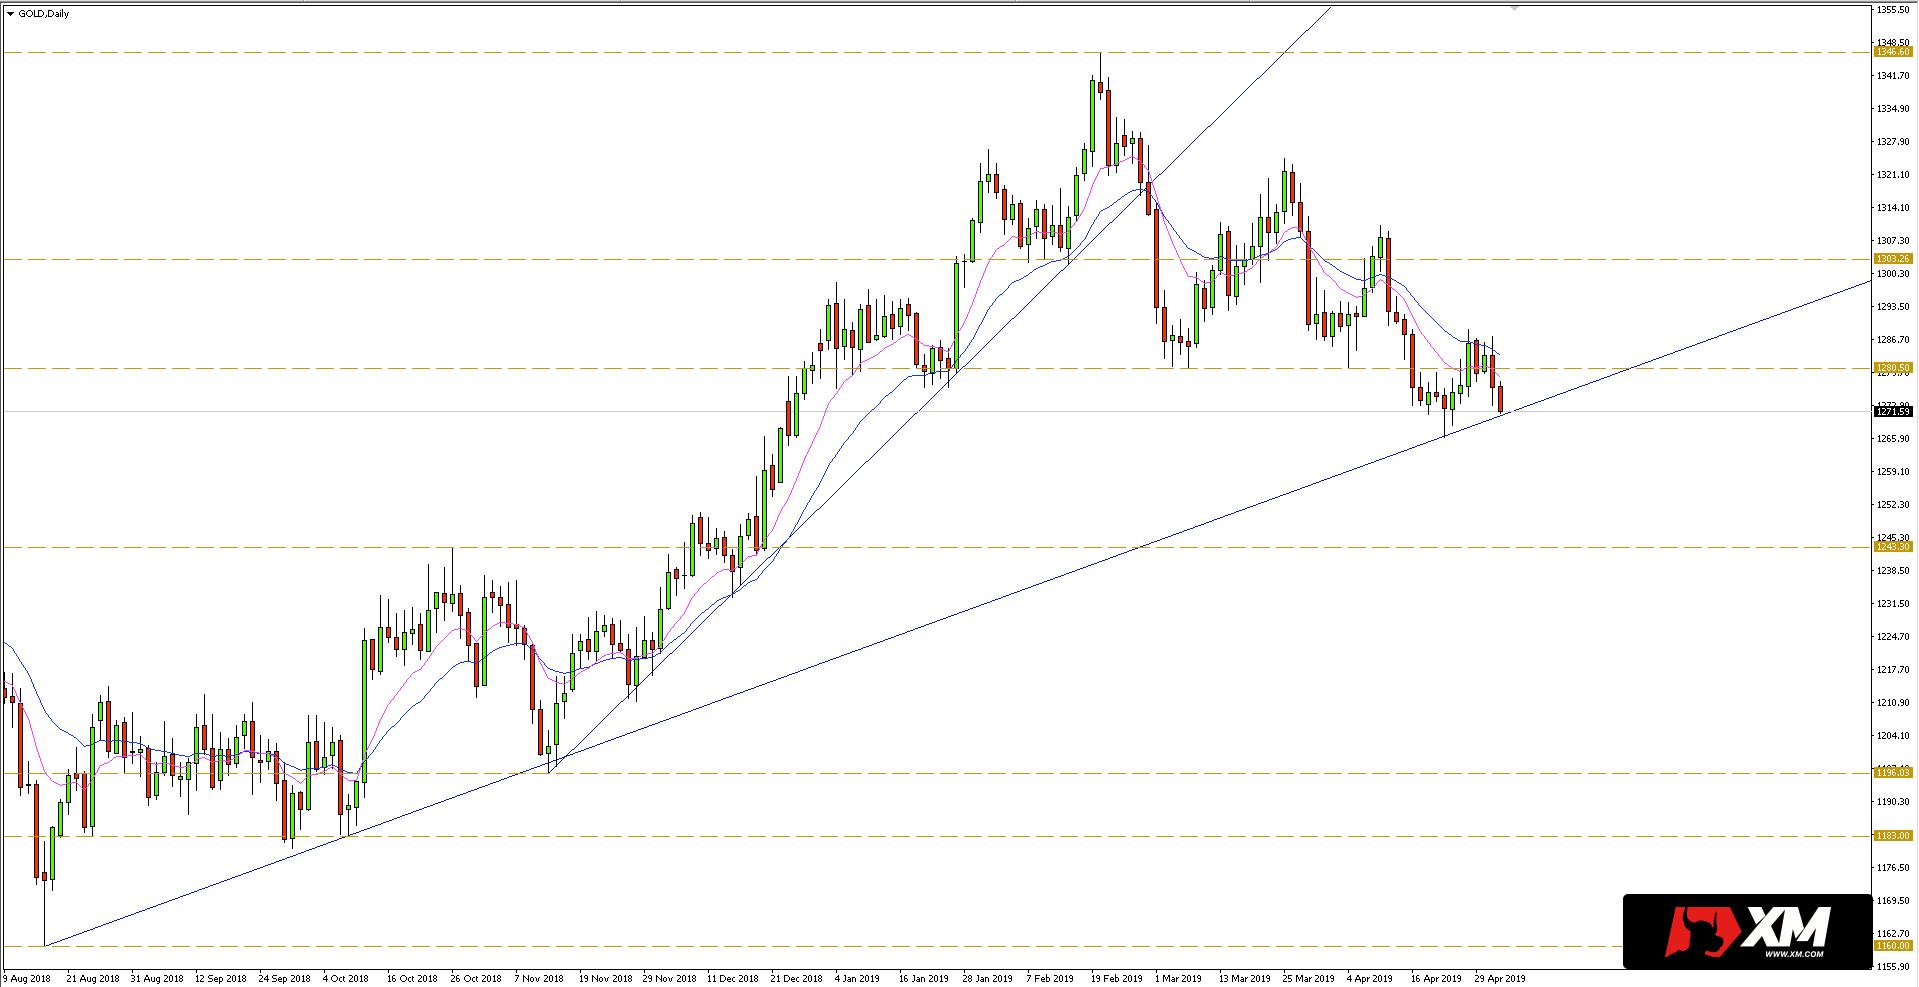 Złoto (XAU/USD) - wykres dzienny - 2 maja 2019